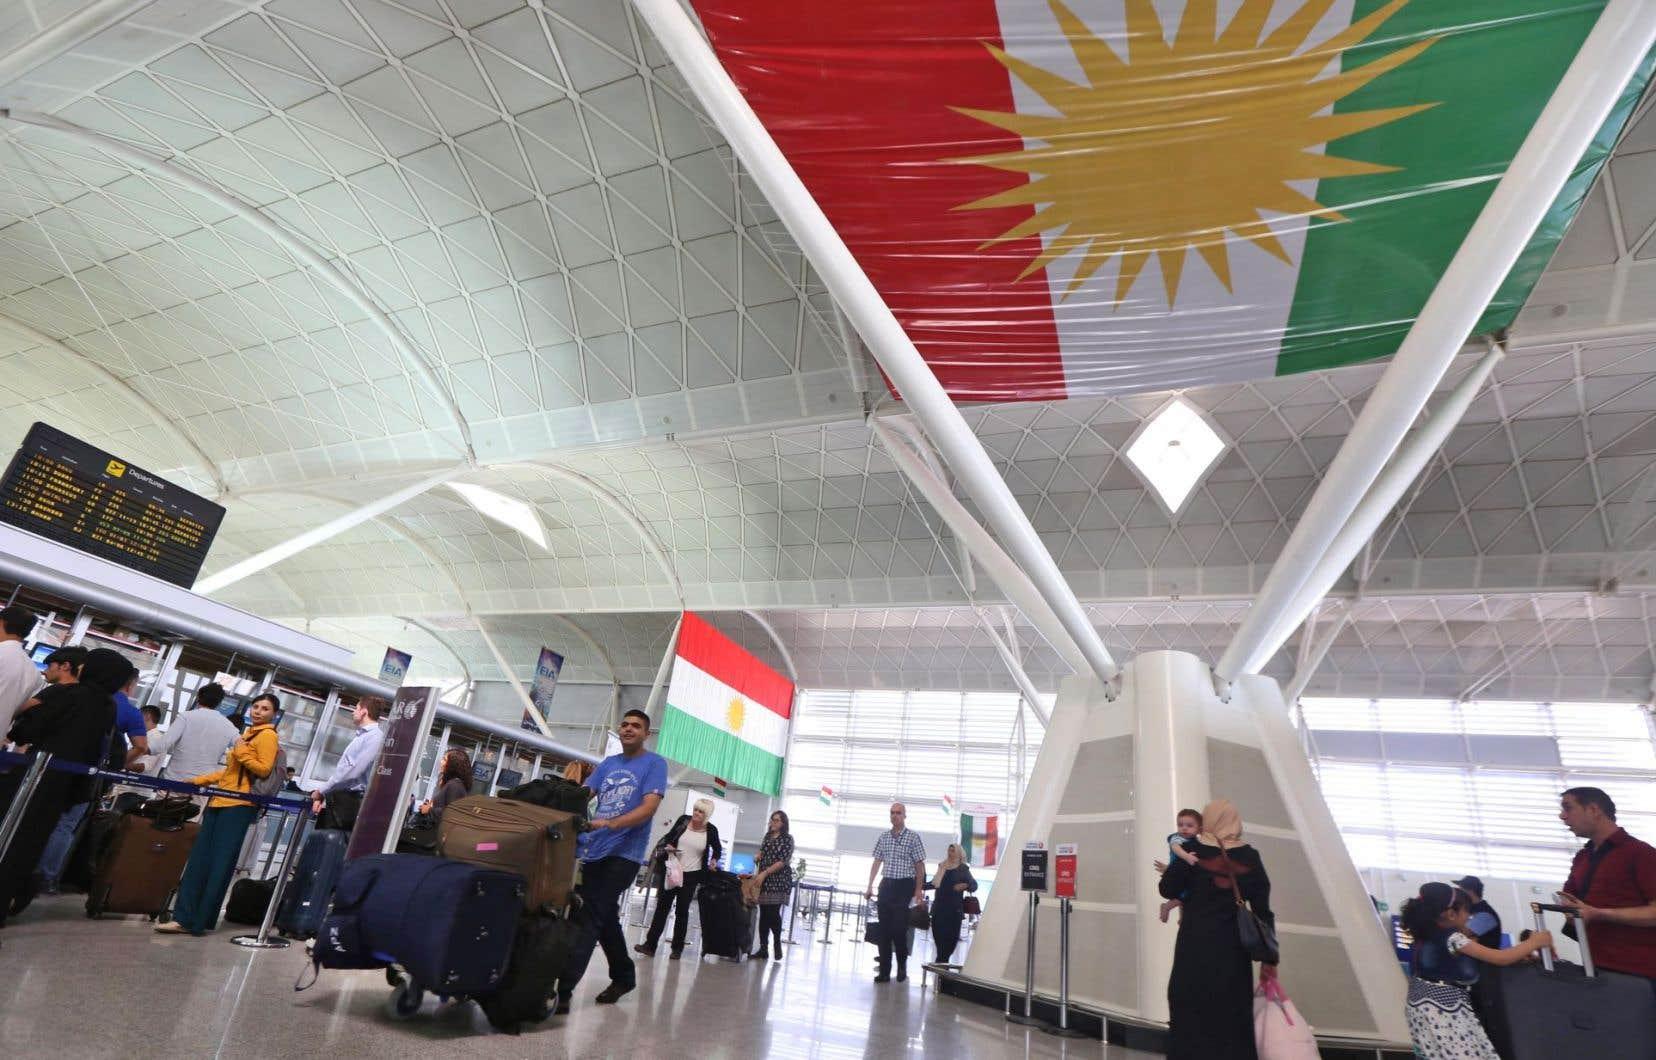 Un grand nombre d'étrangers se pressaient jeudi à l'aéroport d'Erbil pour quitter la ville, de peur de se retrouver bloqués.